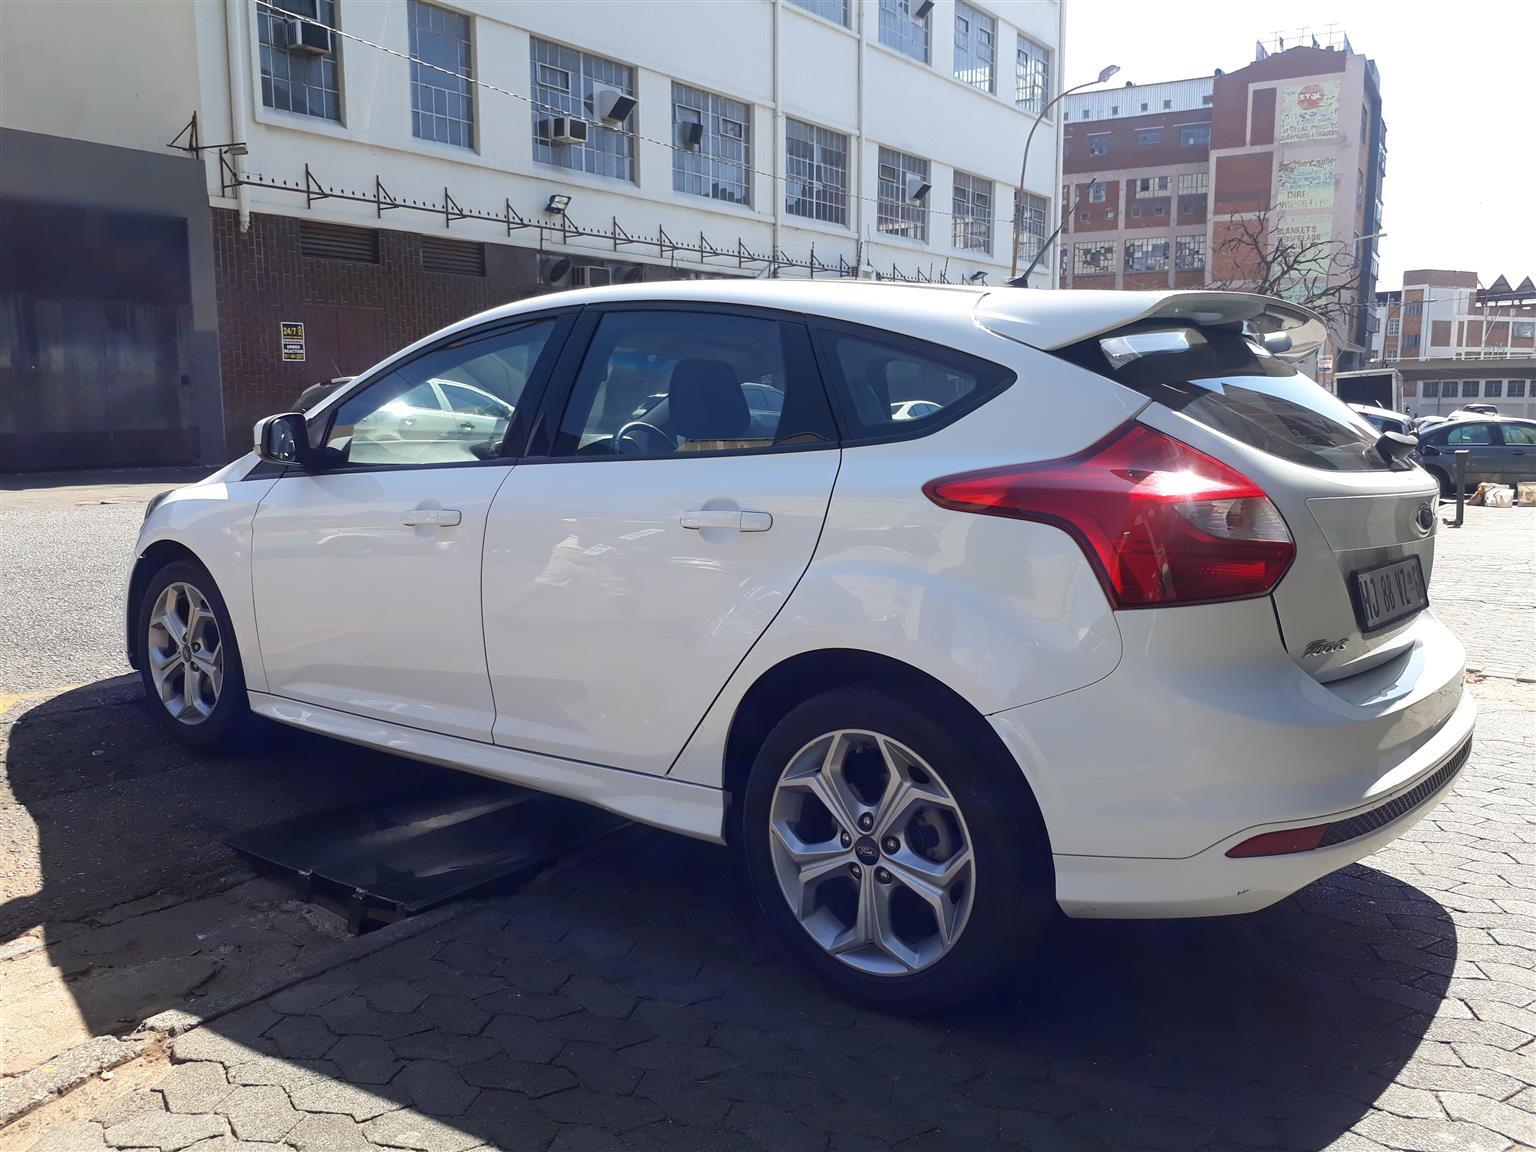 2014 Ford Focus 1.6 Trend 4 door